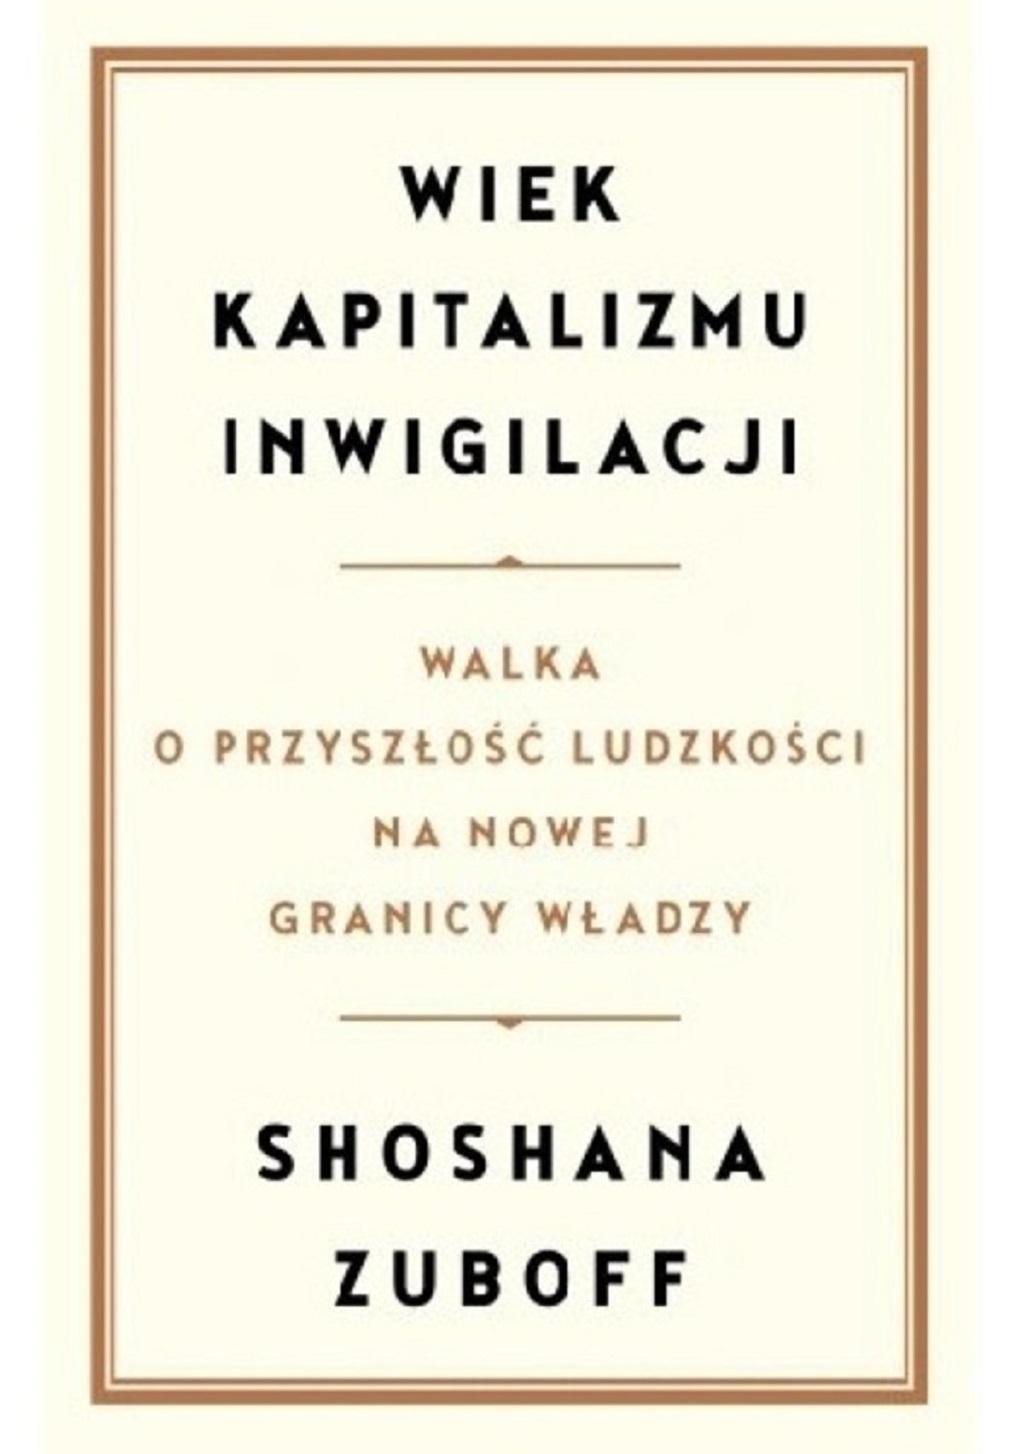 Shoshana Zuboff – Wiek kapitalizmu inwigilacji. Walka o przyszłość ludzkości na nowej granicy władzy